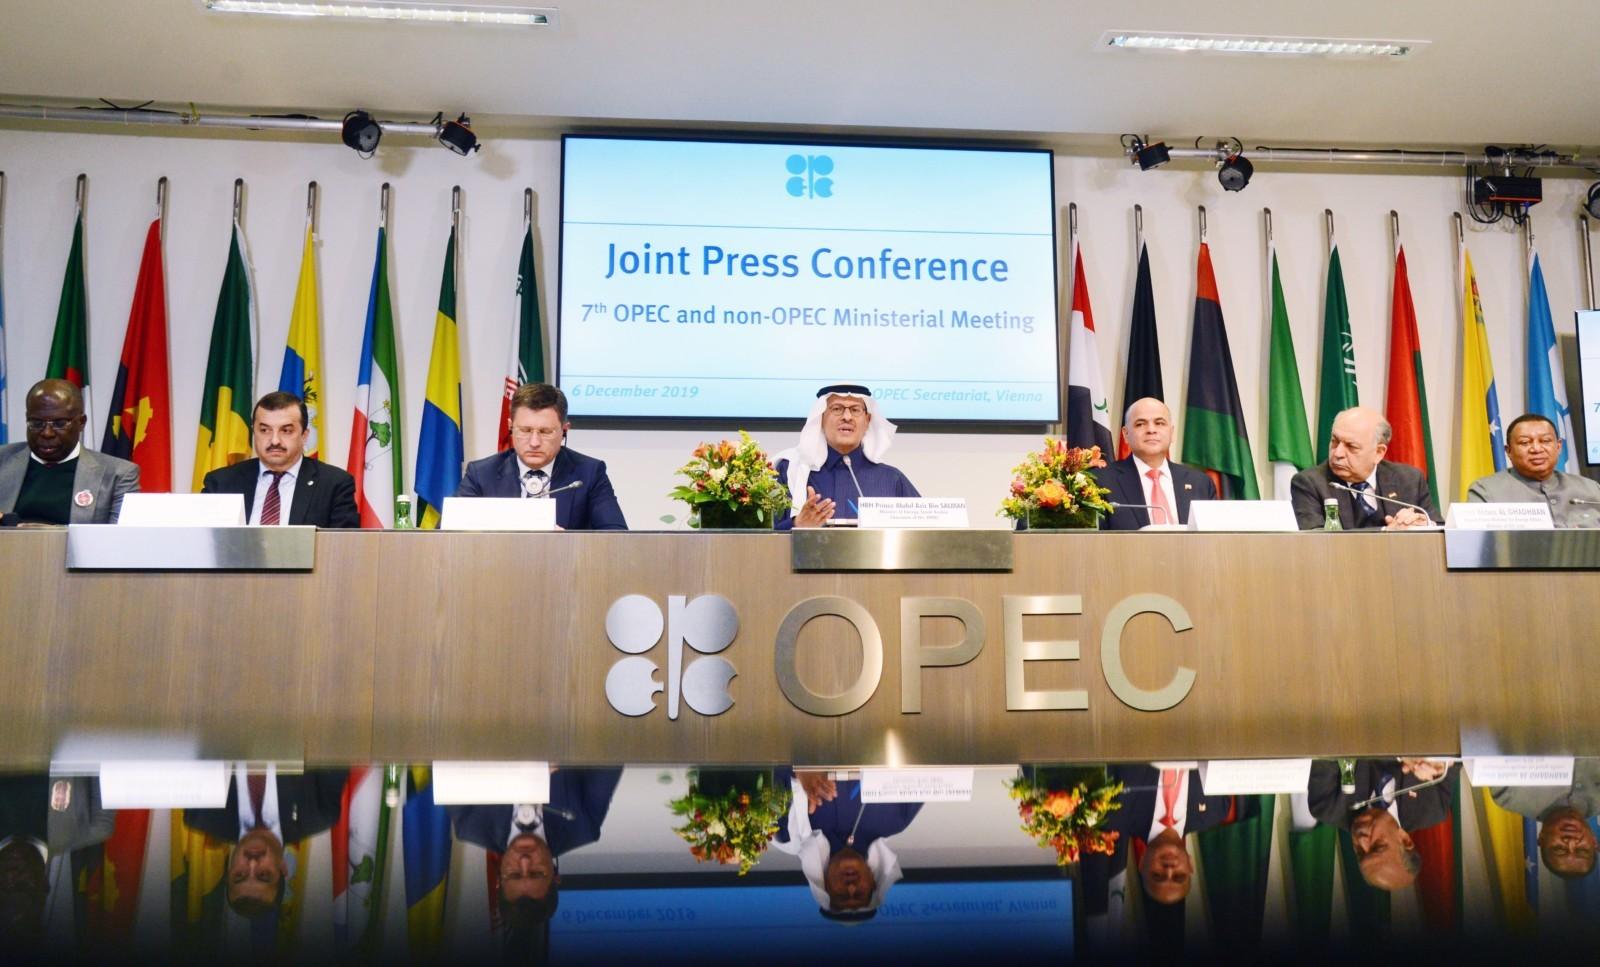 ОПЕК сделала заявление по итогам заседания в Вене